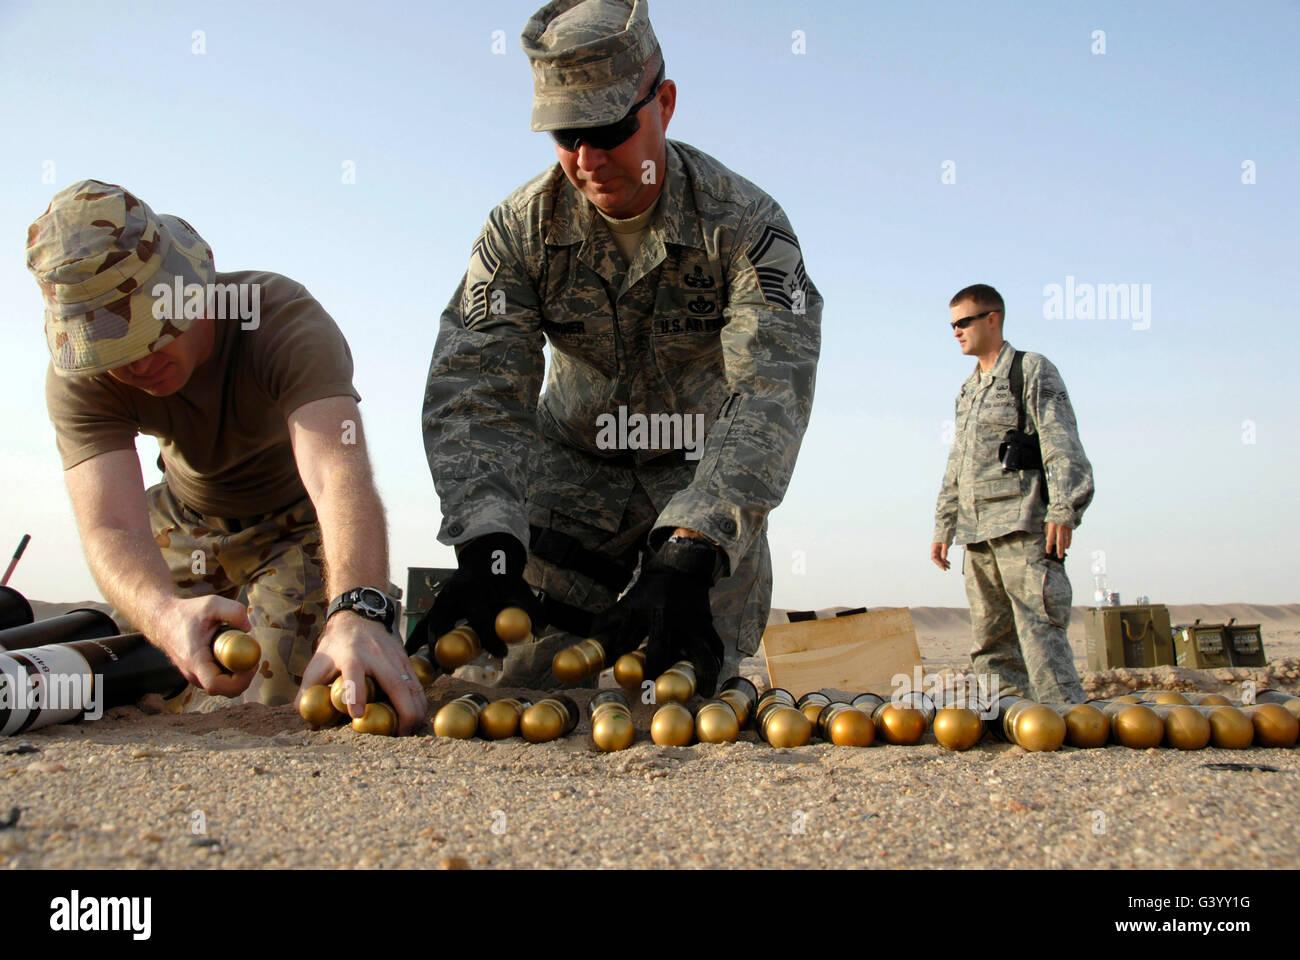 Los técnicos preparar granadas de eliminación durante una detonación controlada. Imagen De Stock